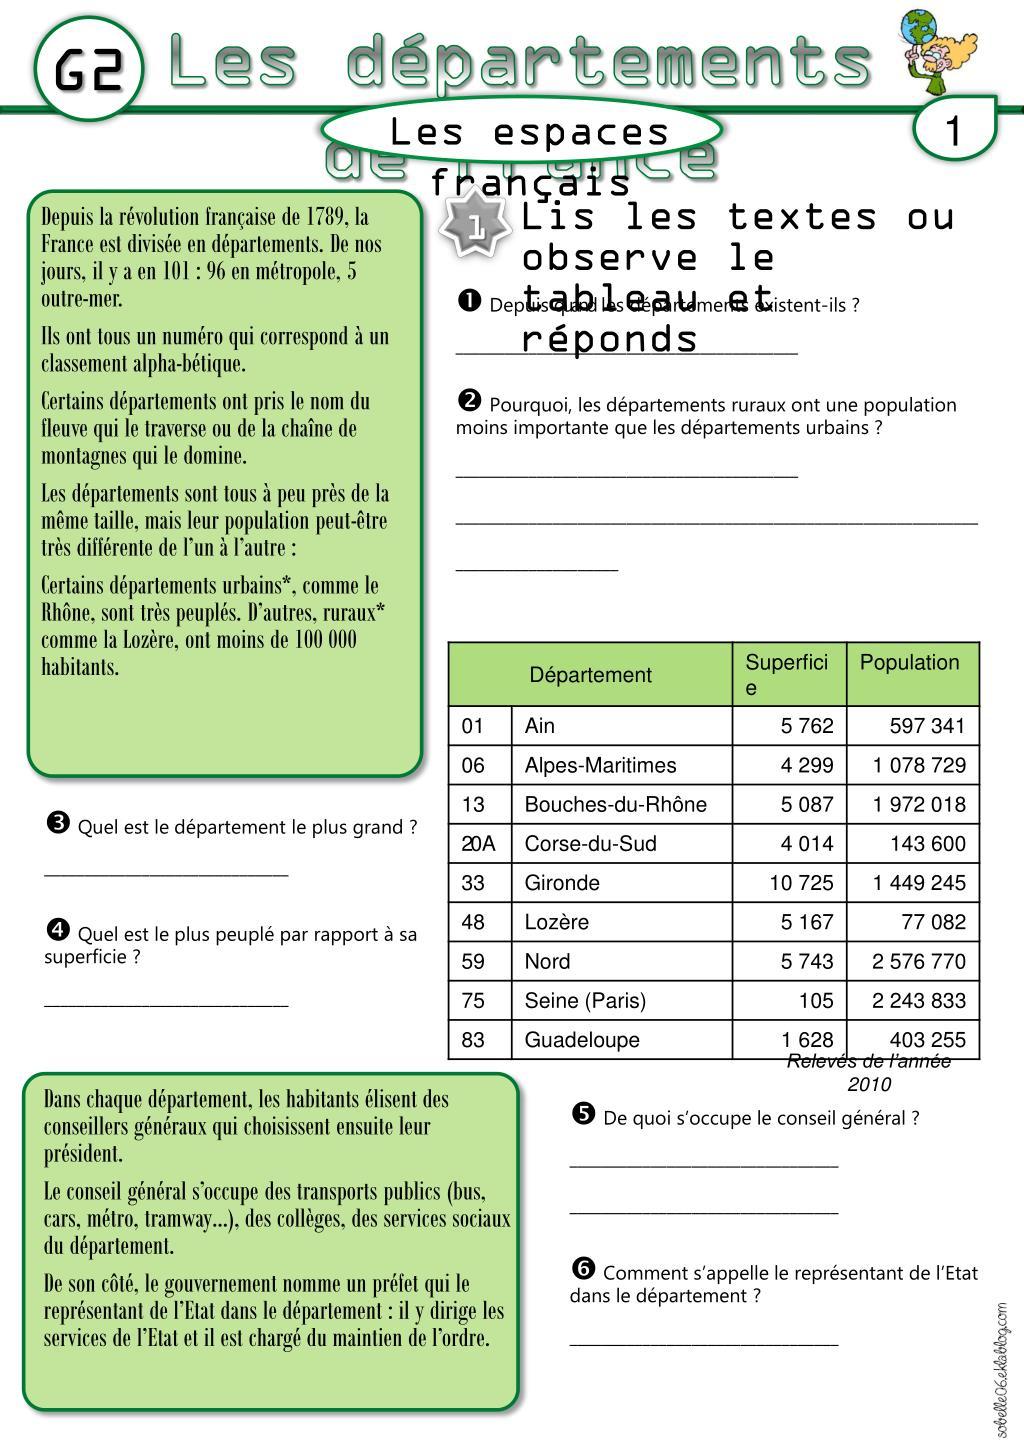 Ppt - Les Départements De France Powerpoint Presentation dedans Tableau Des Départements Français